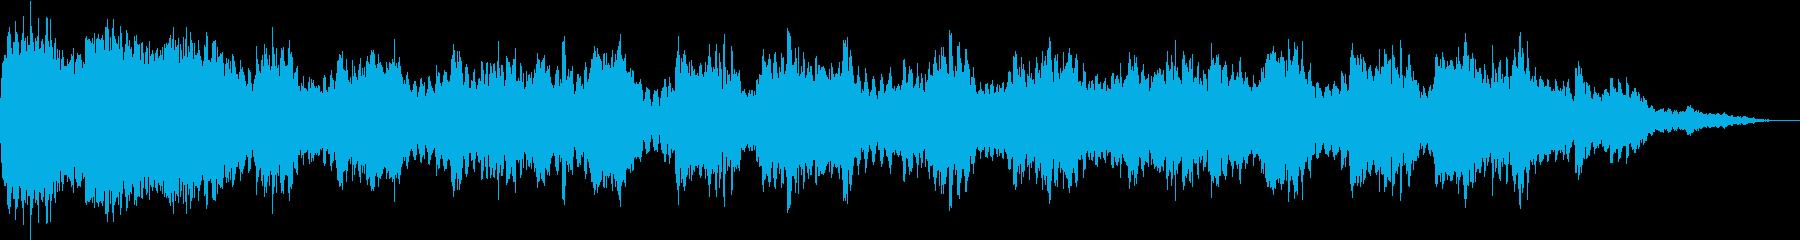 就寝前の優しい瞑想音楽の再生済みの波形